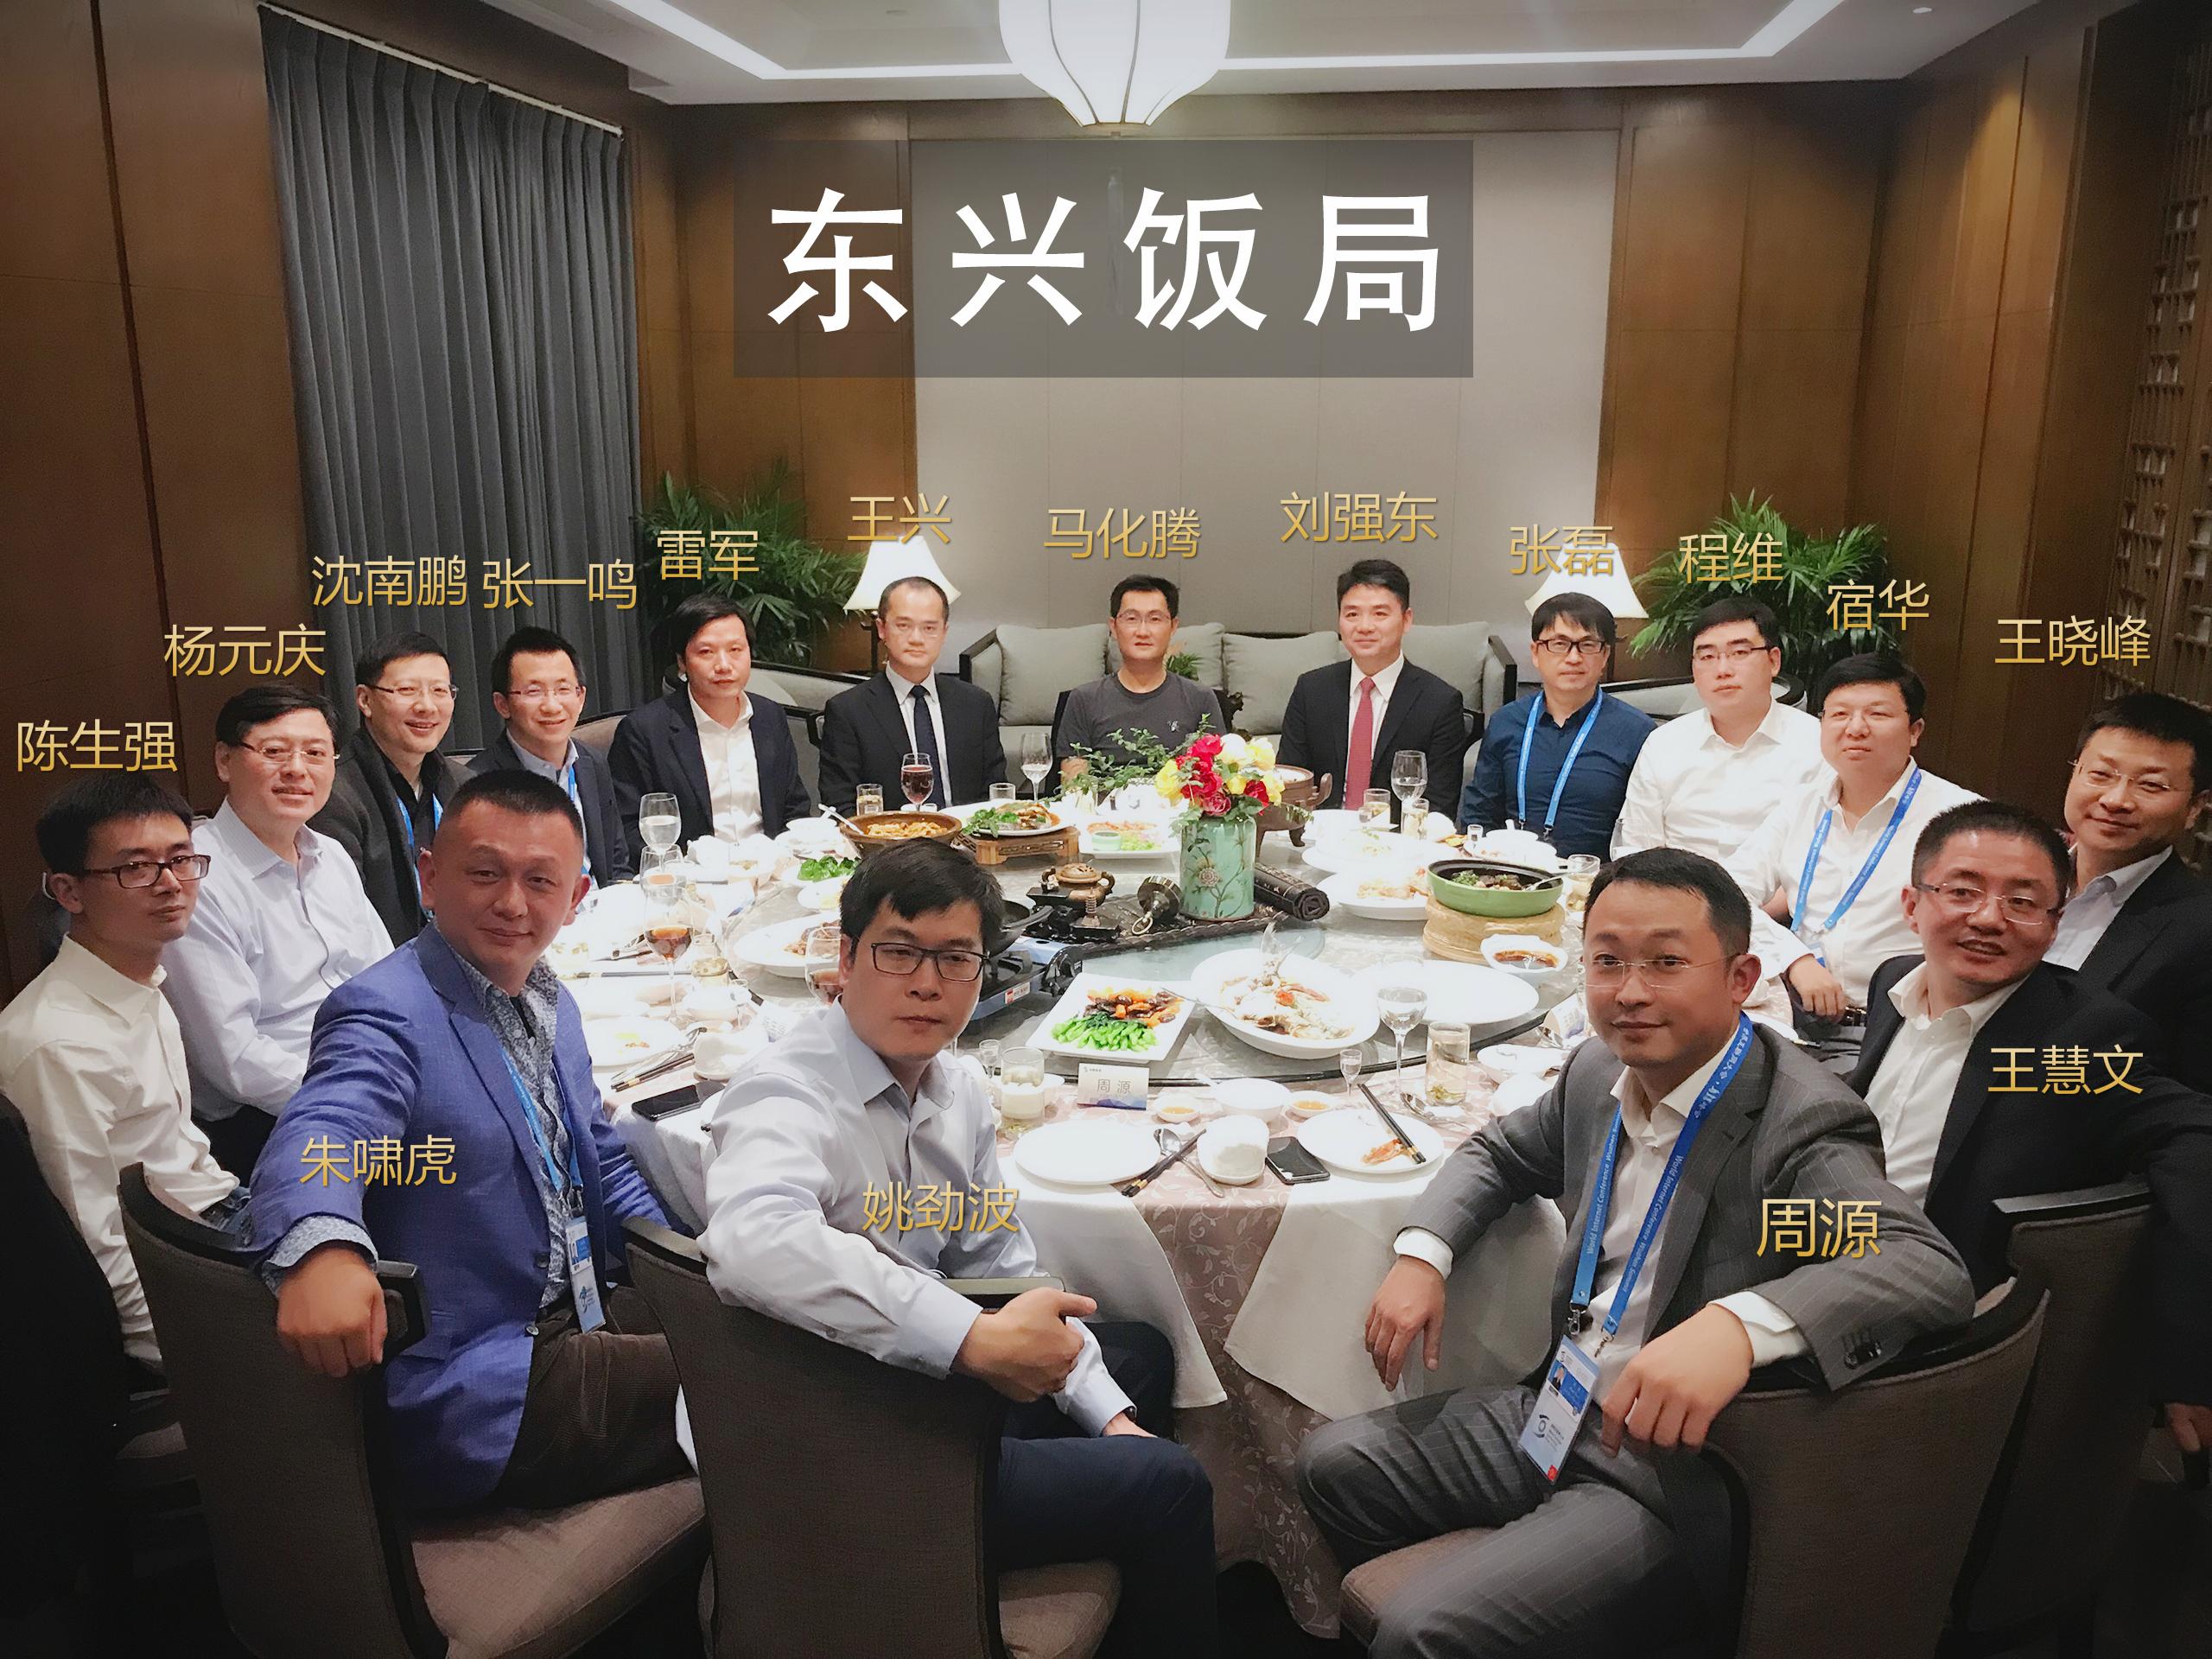 互联网大会的饭桌江湖 '东兴饭局'截胡'丁磊晚宴'的照片 - 16